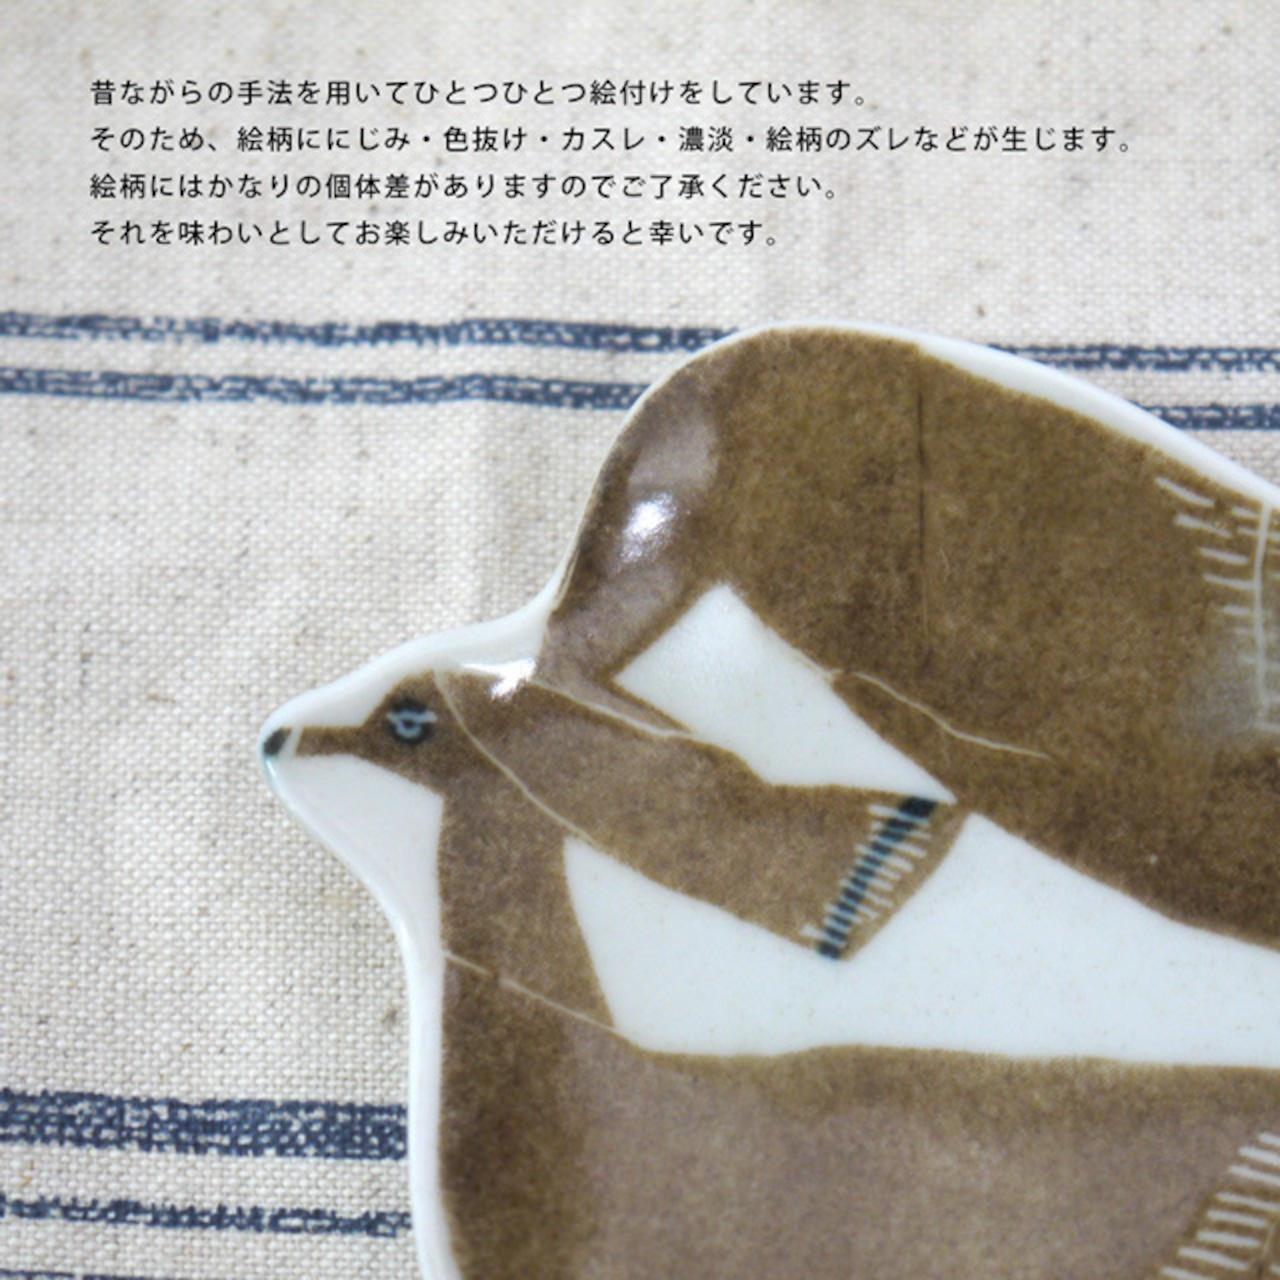 <倉敷意匠>katakata印判手豆皿オオカミ ブルー